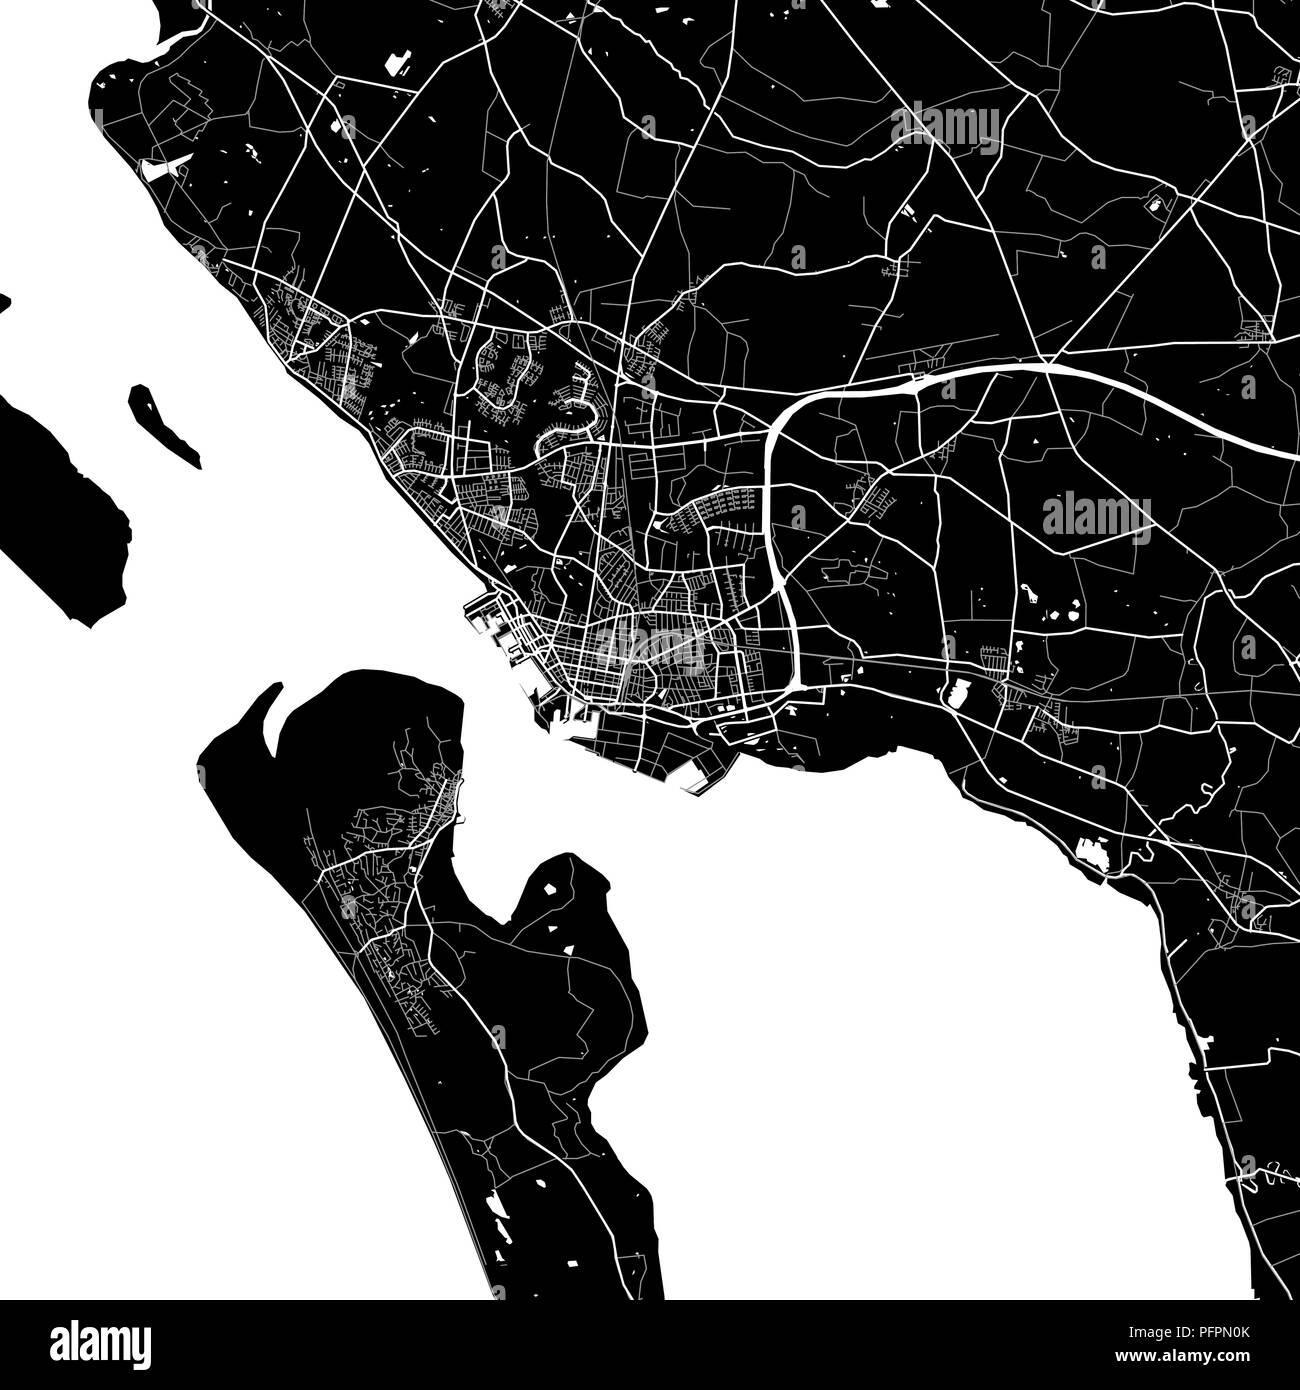 Lageplan von Esbjerg, Dänemark. Der dunkle Hintergrund ...